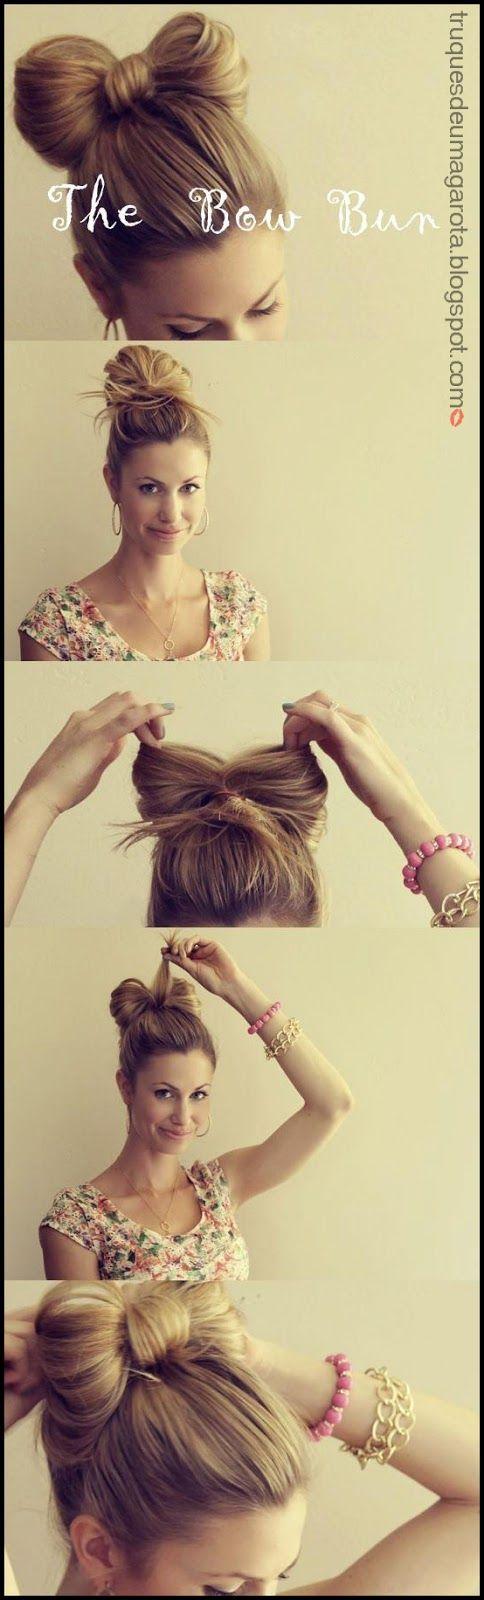 Lo bueno de tener pelo largo es poder hacerte estos 20 peinados fáciles